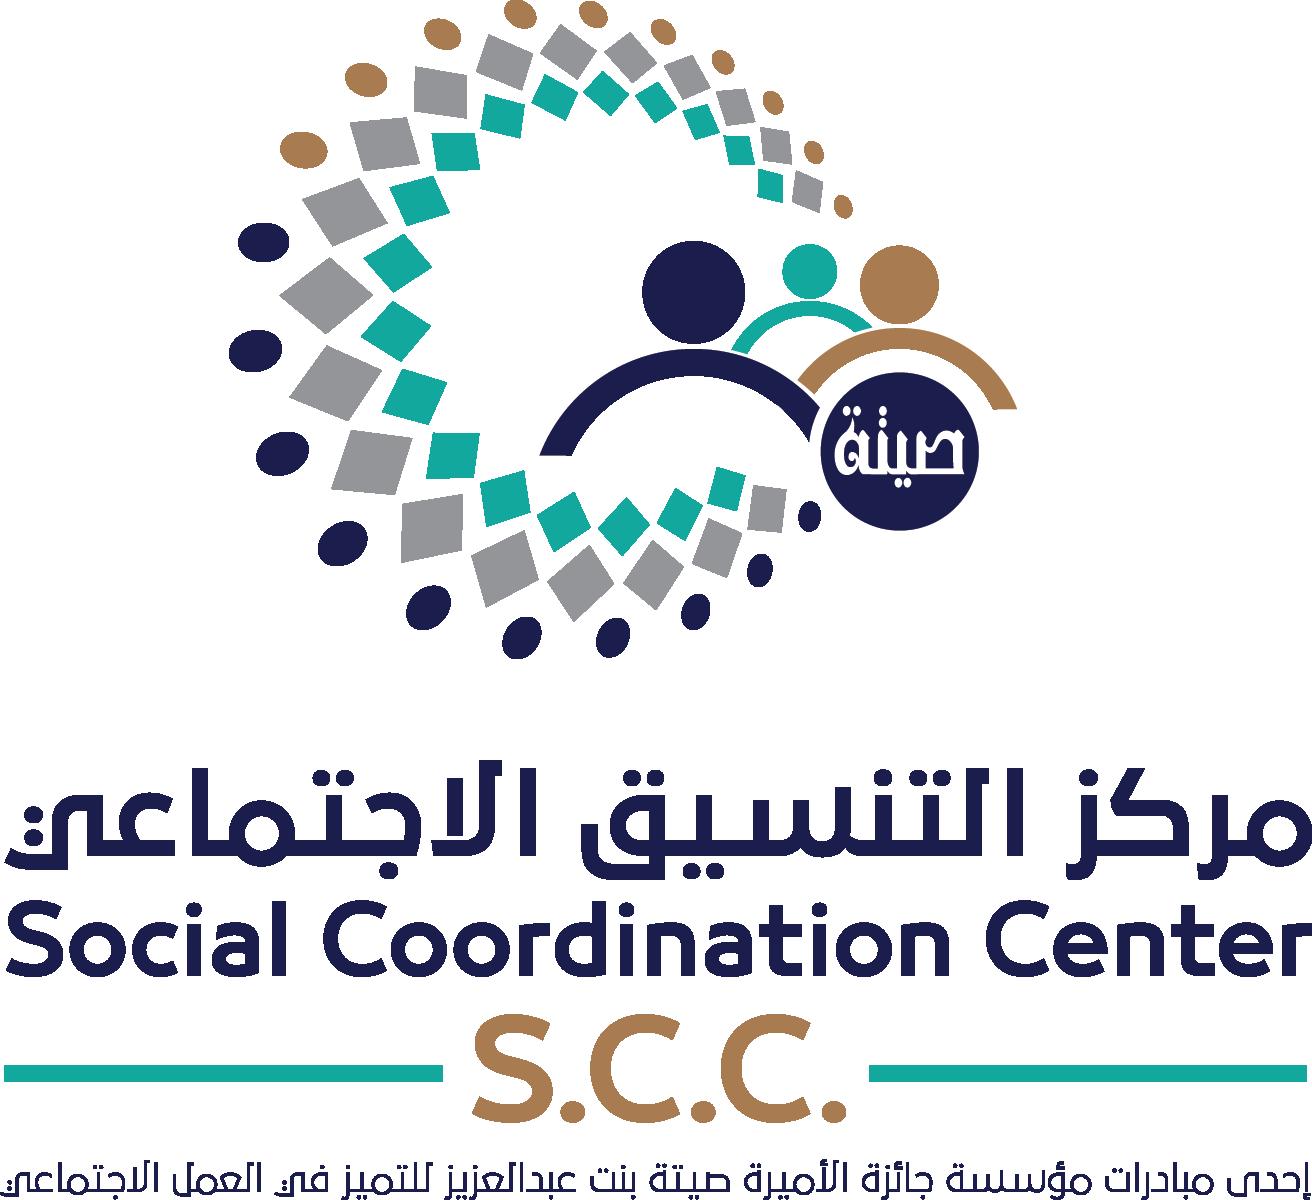 مركز التنسيق الاجتماعي